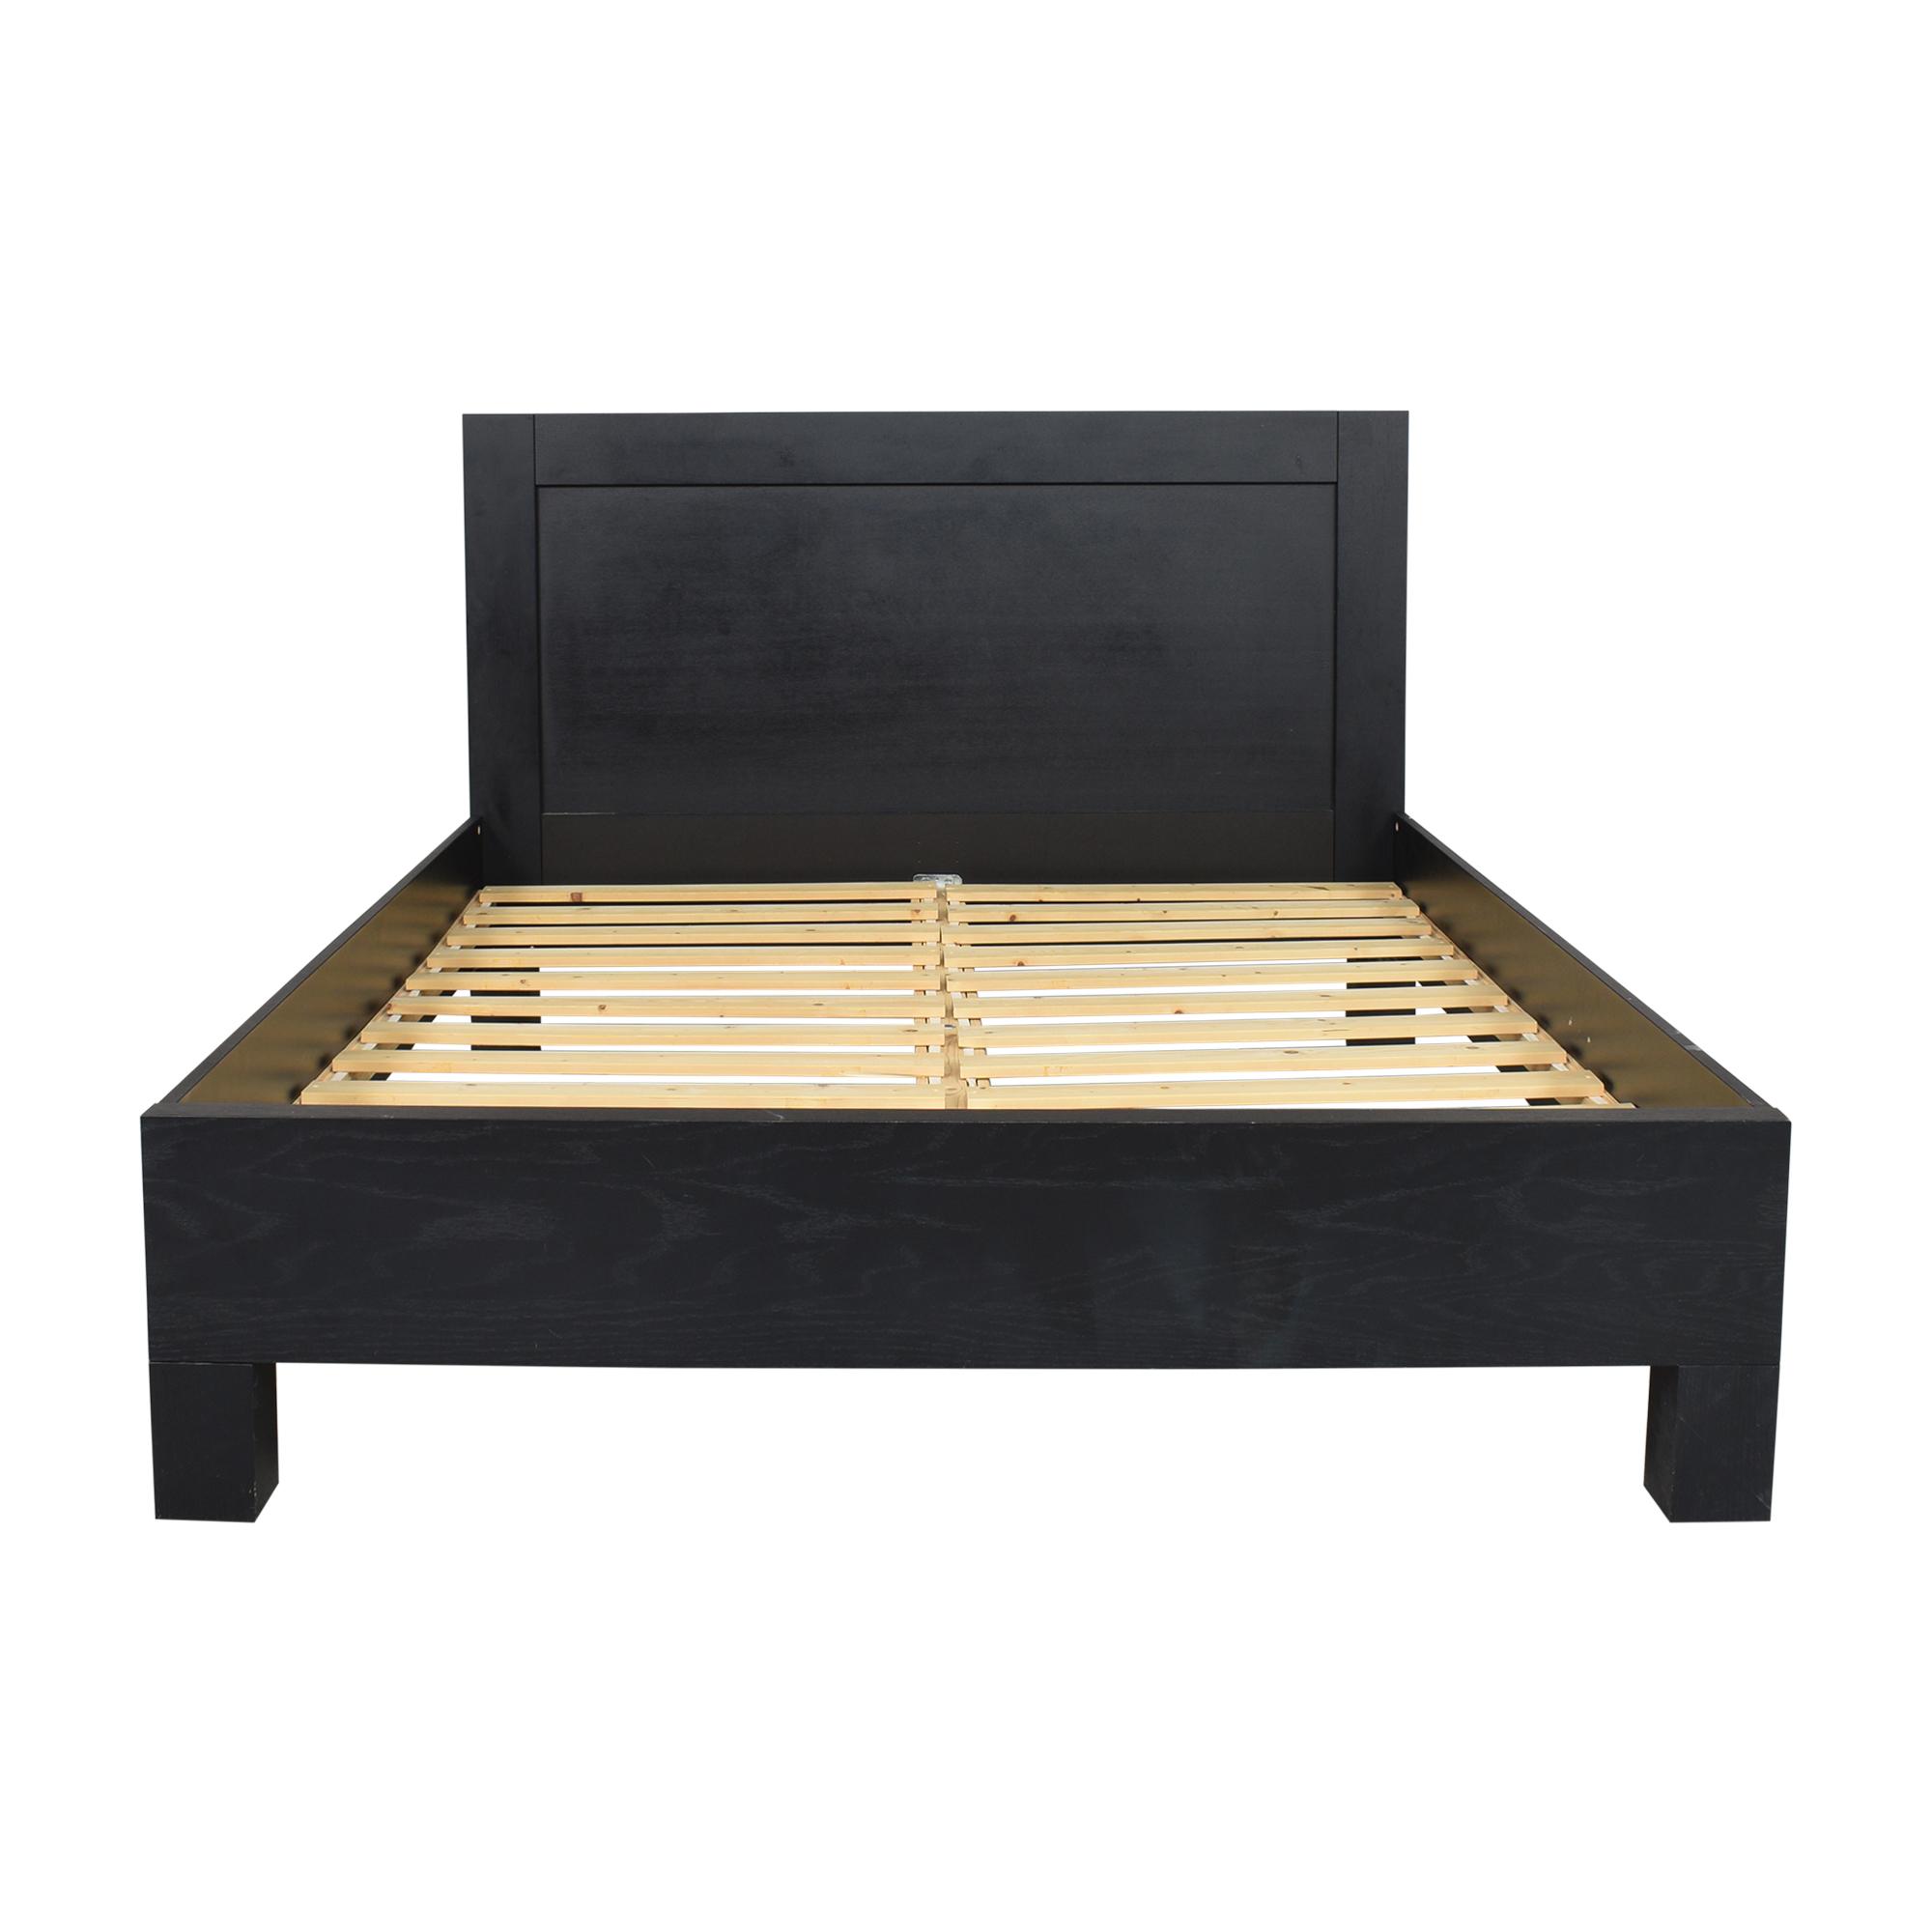 BoConcept BoConcept Panel Queen Bed nj